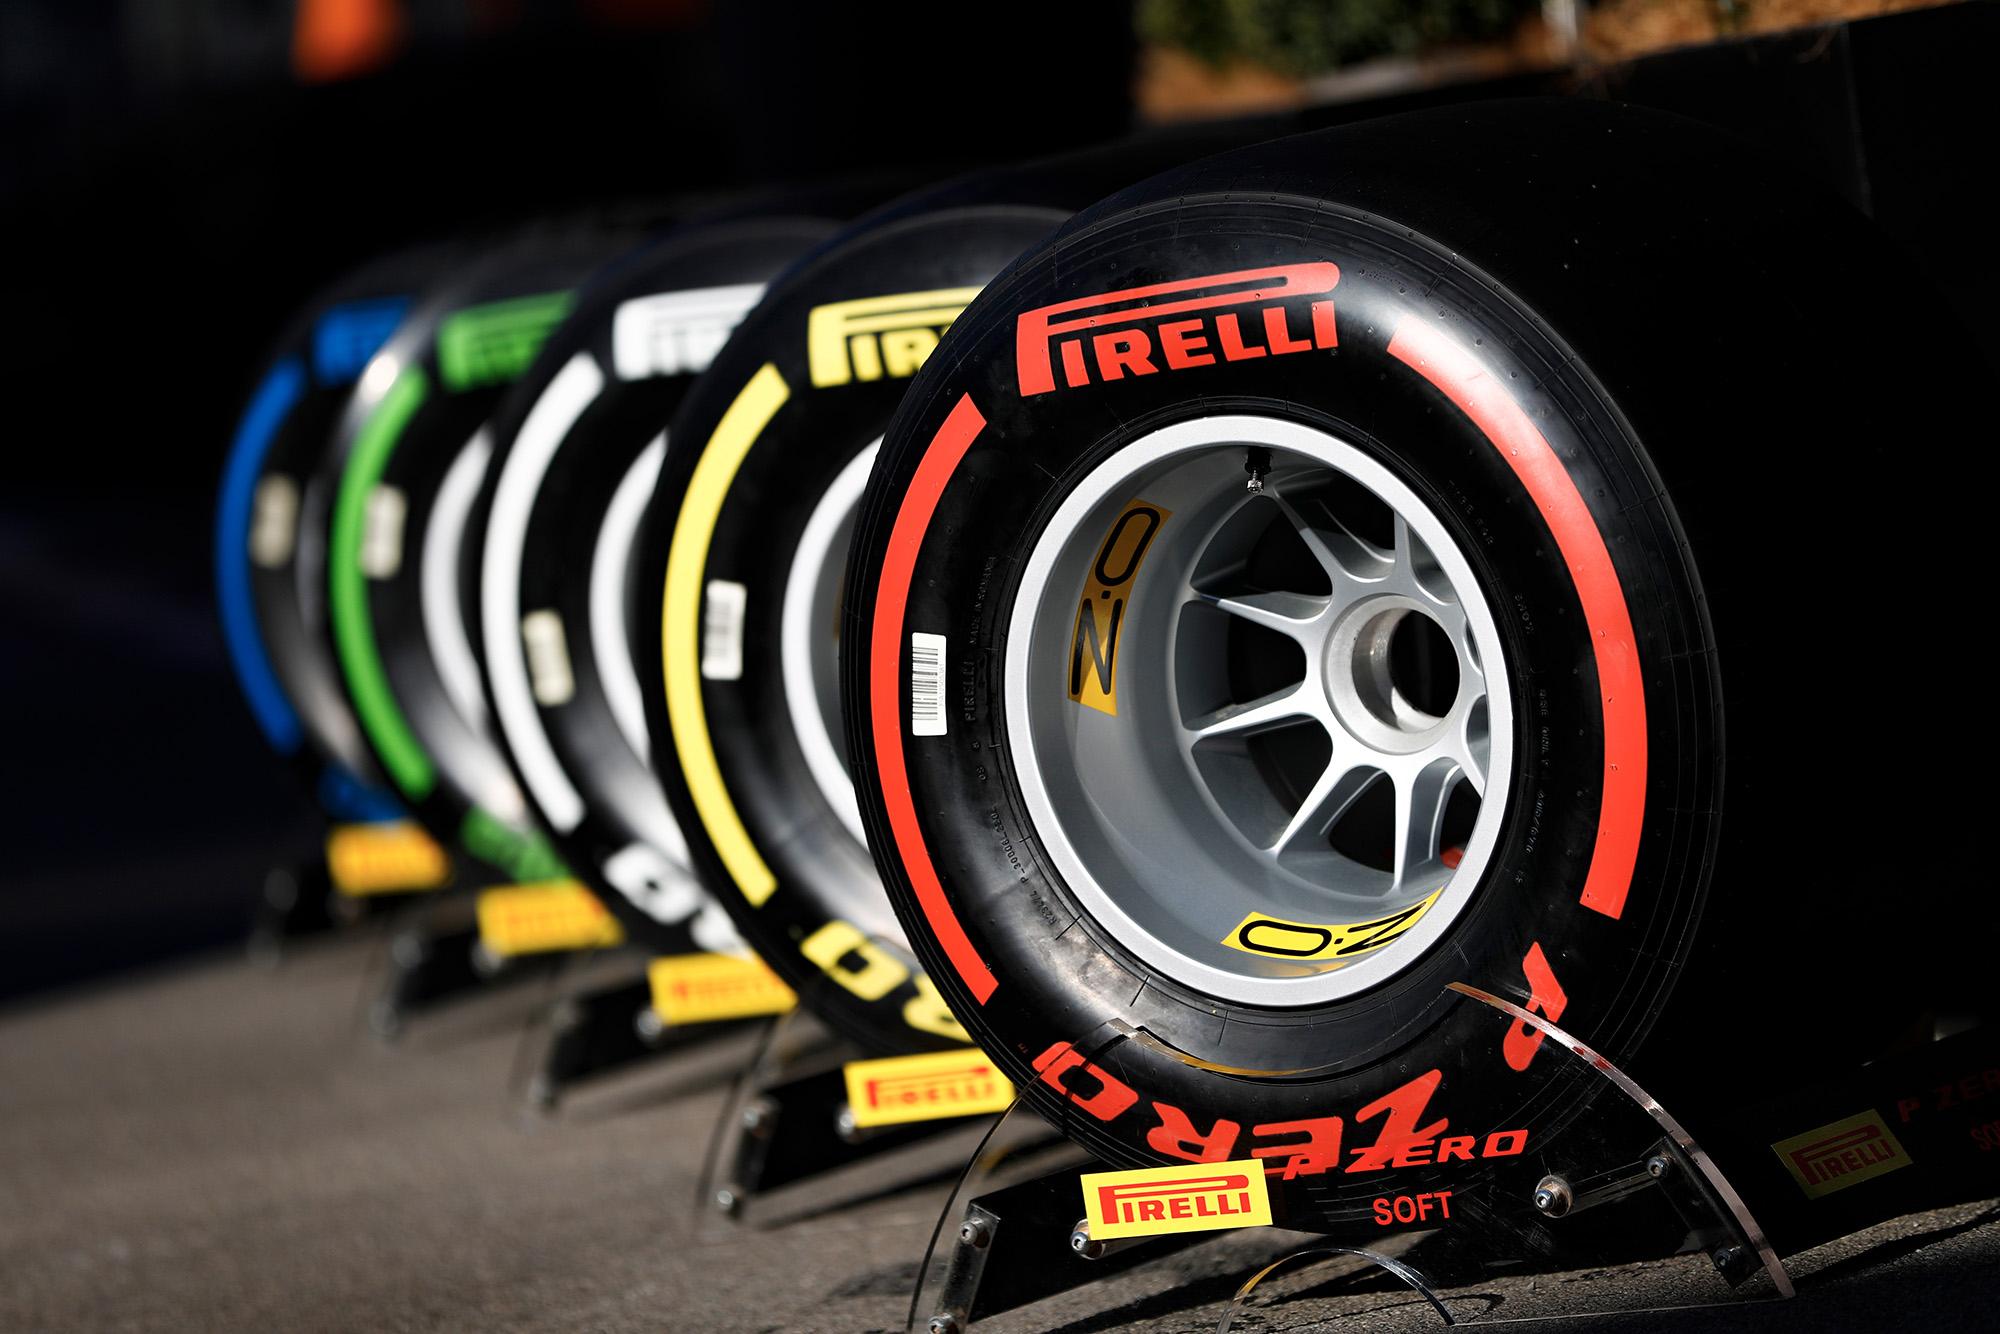 Pirelli tyres at 2019 pre-season F1 testing